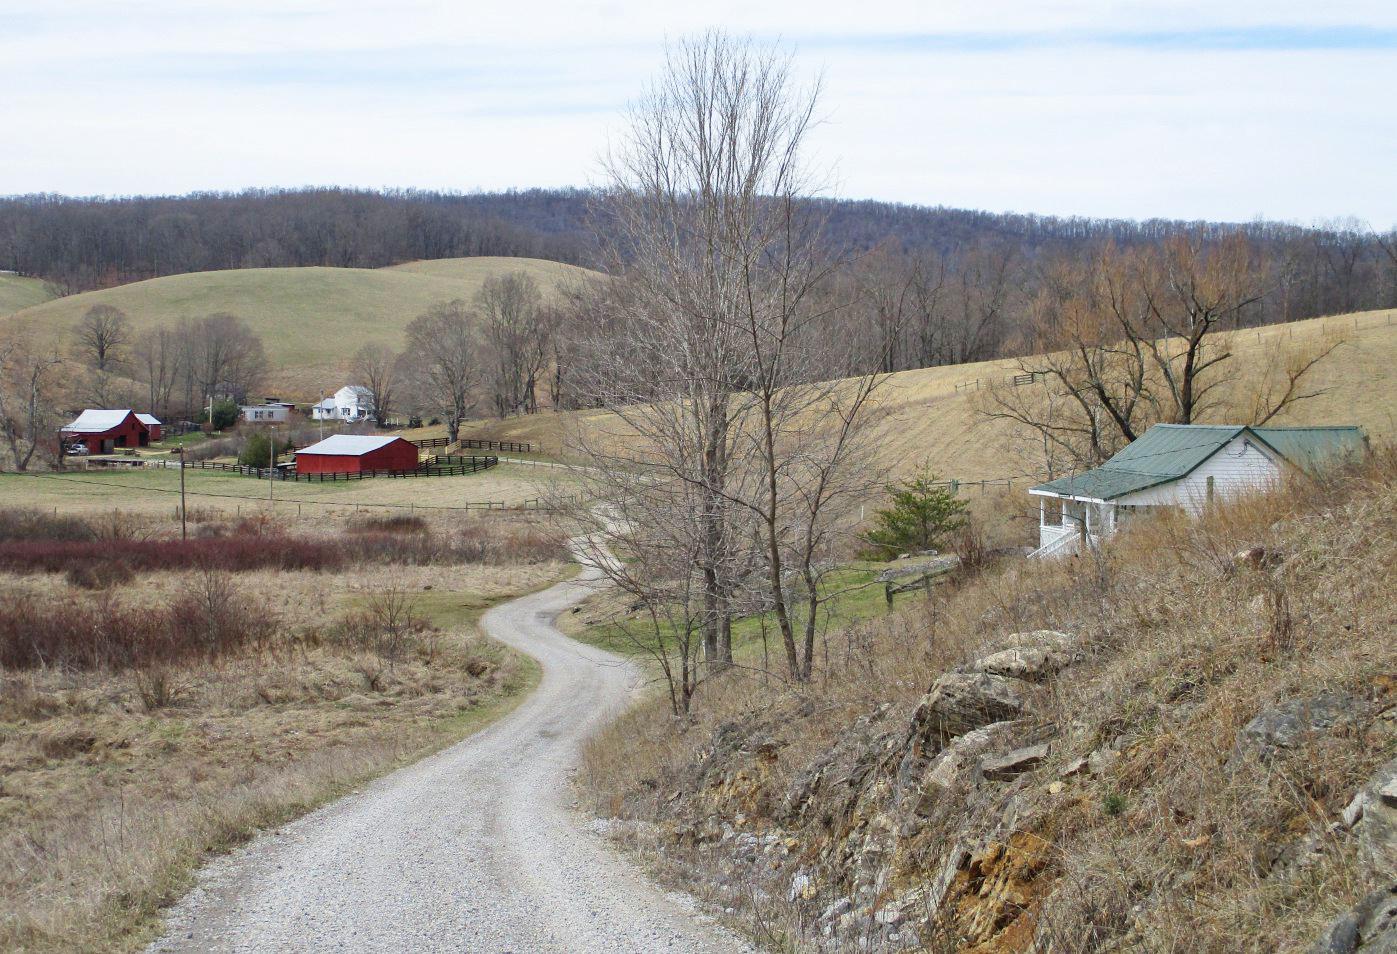 Craig County Poor Farm